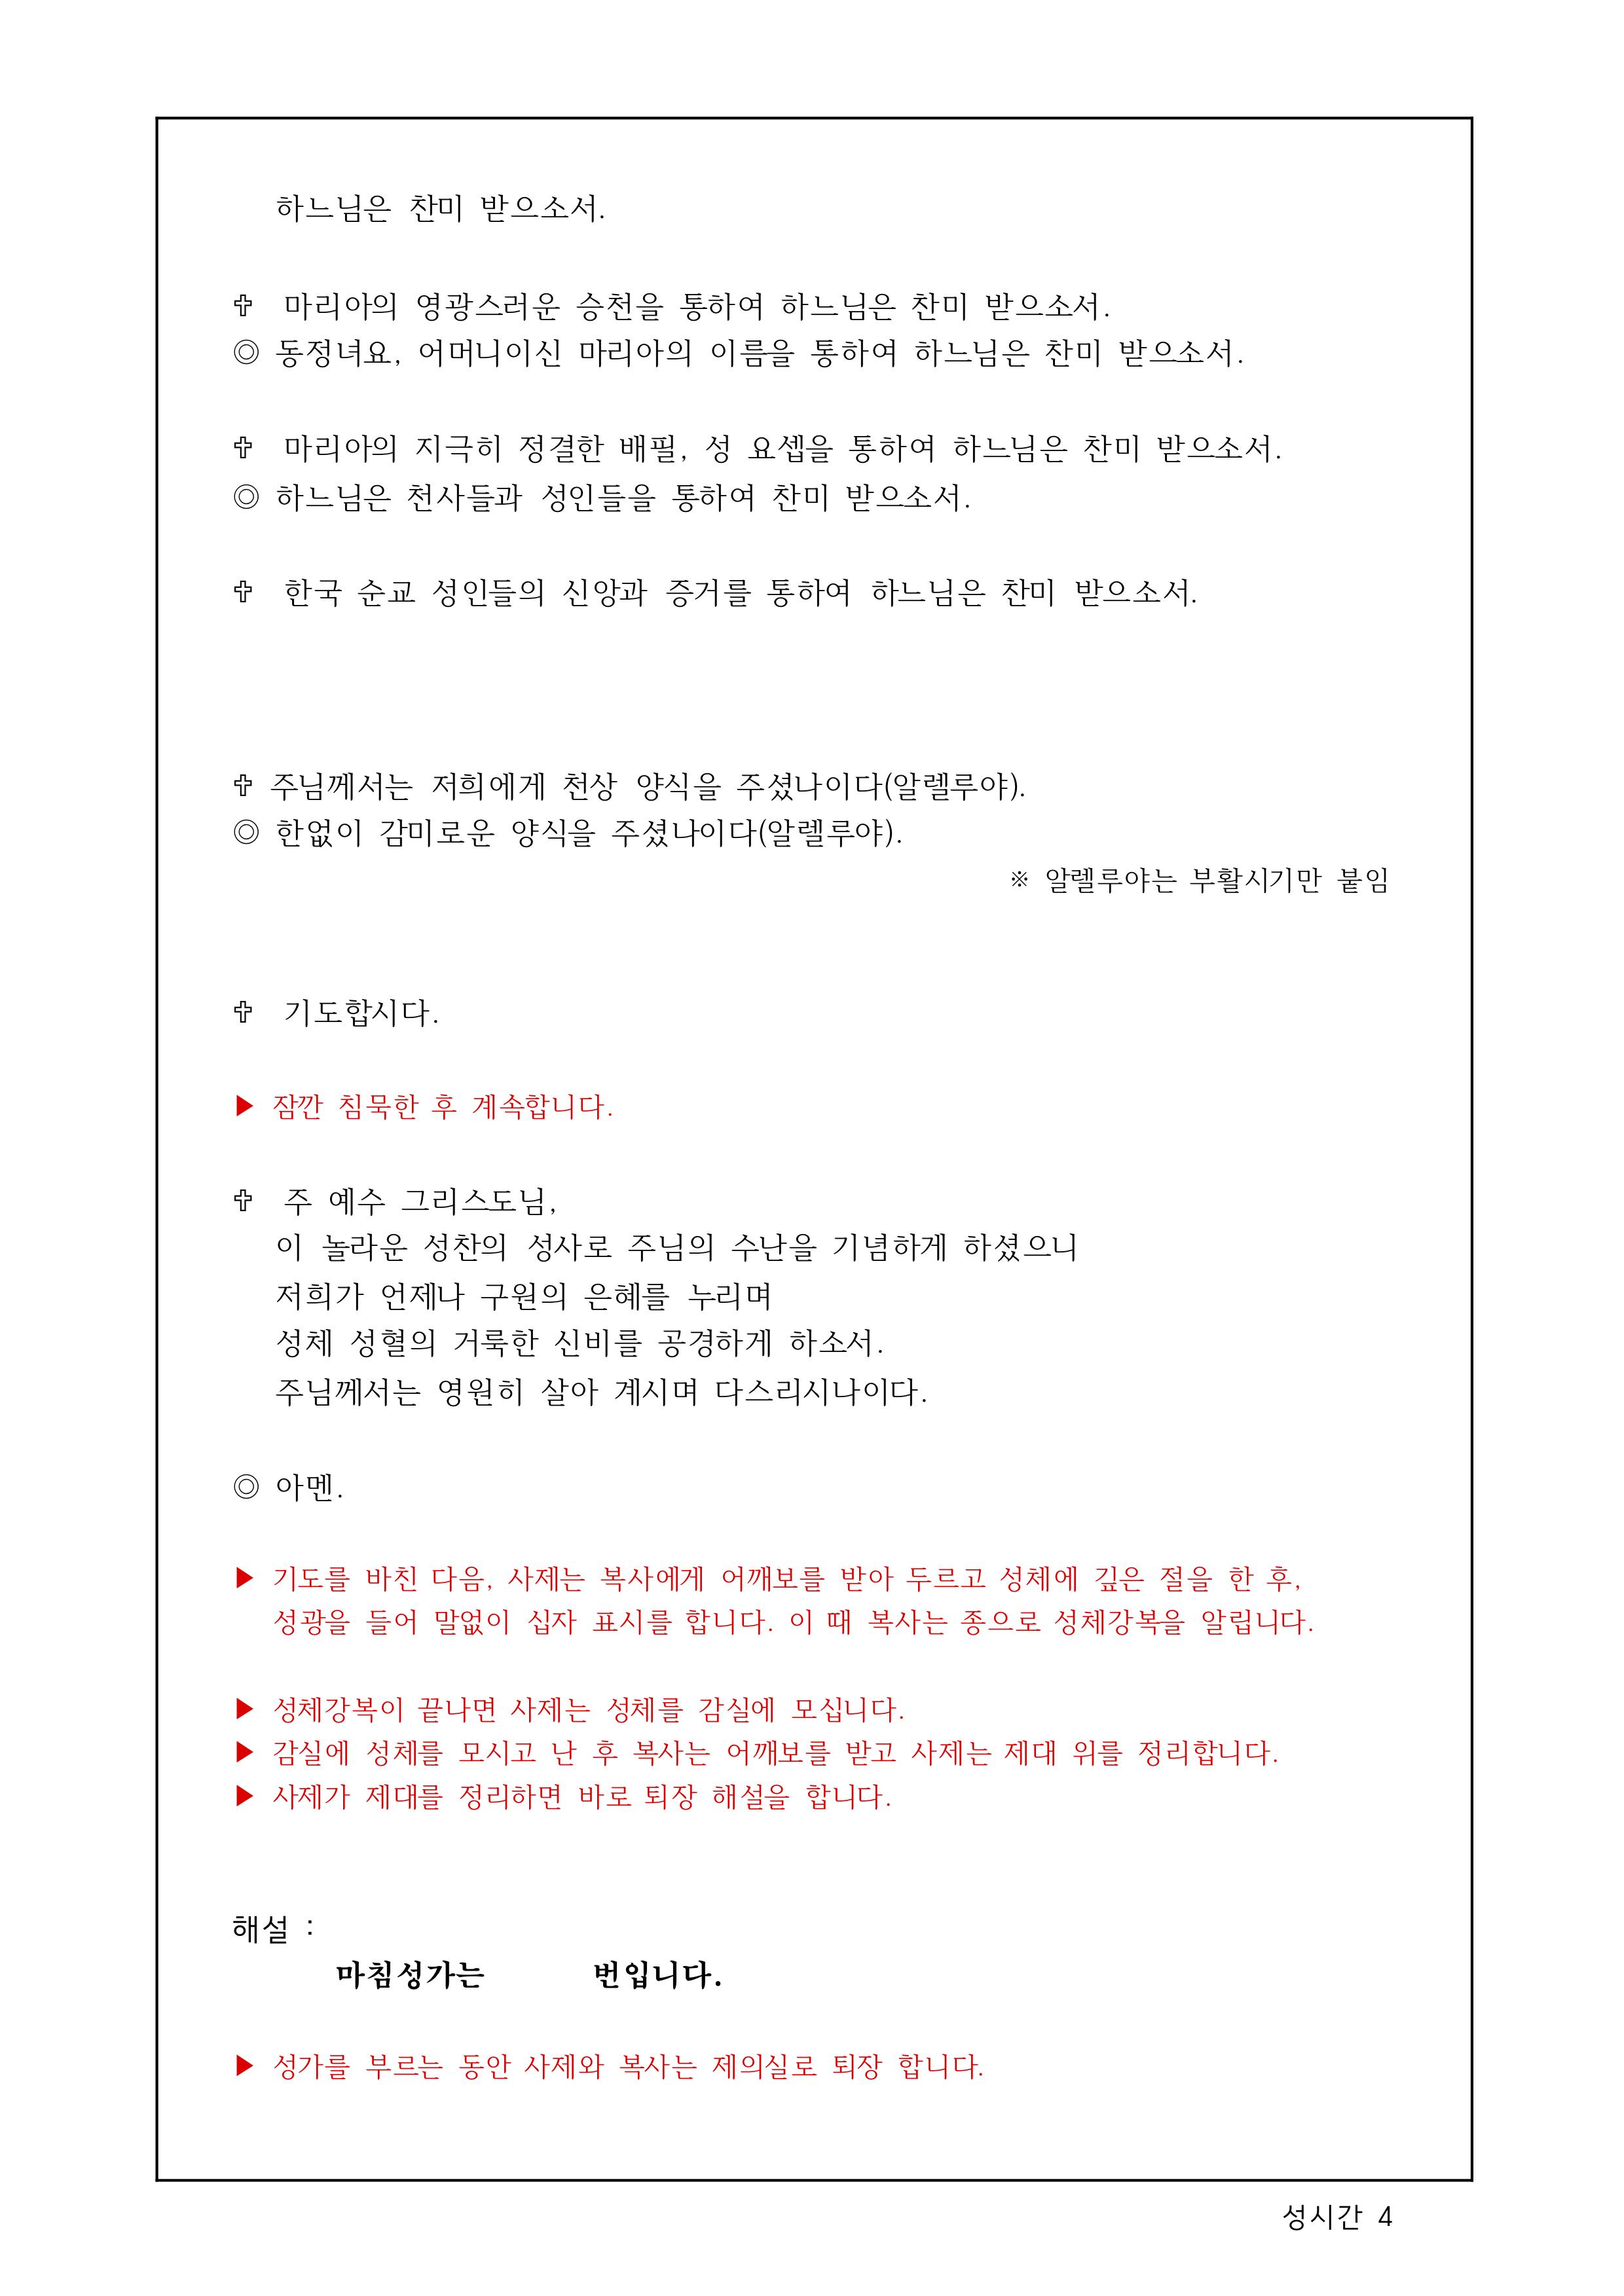 괴정성당 성시간(201909수정) 4.jpg